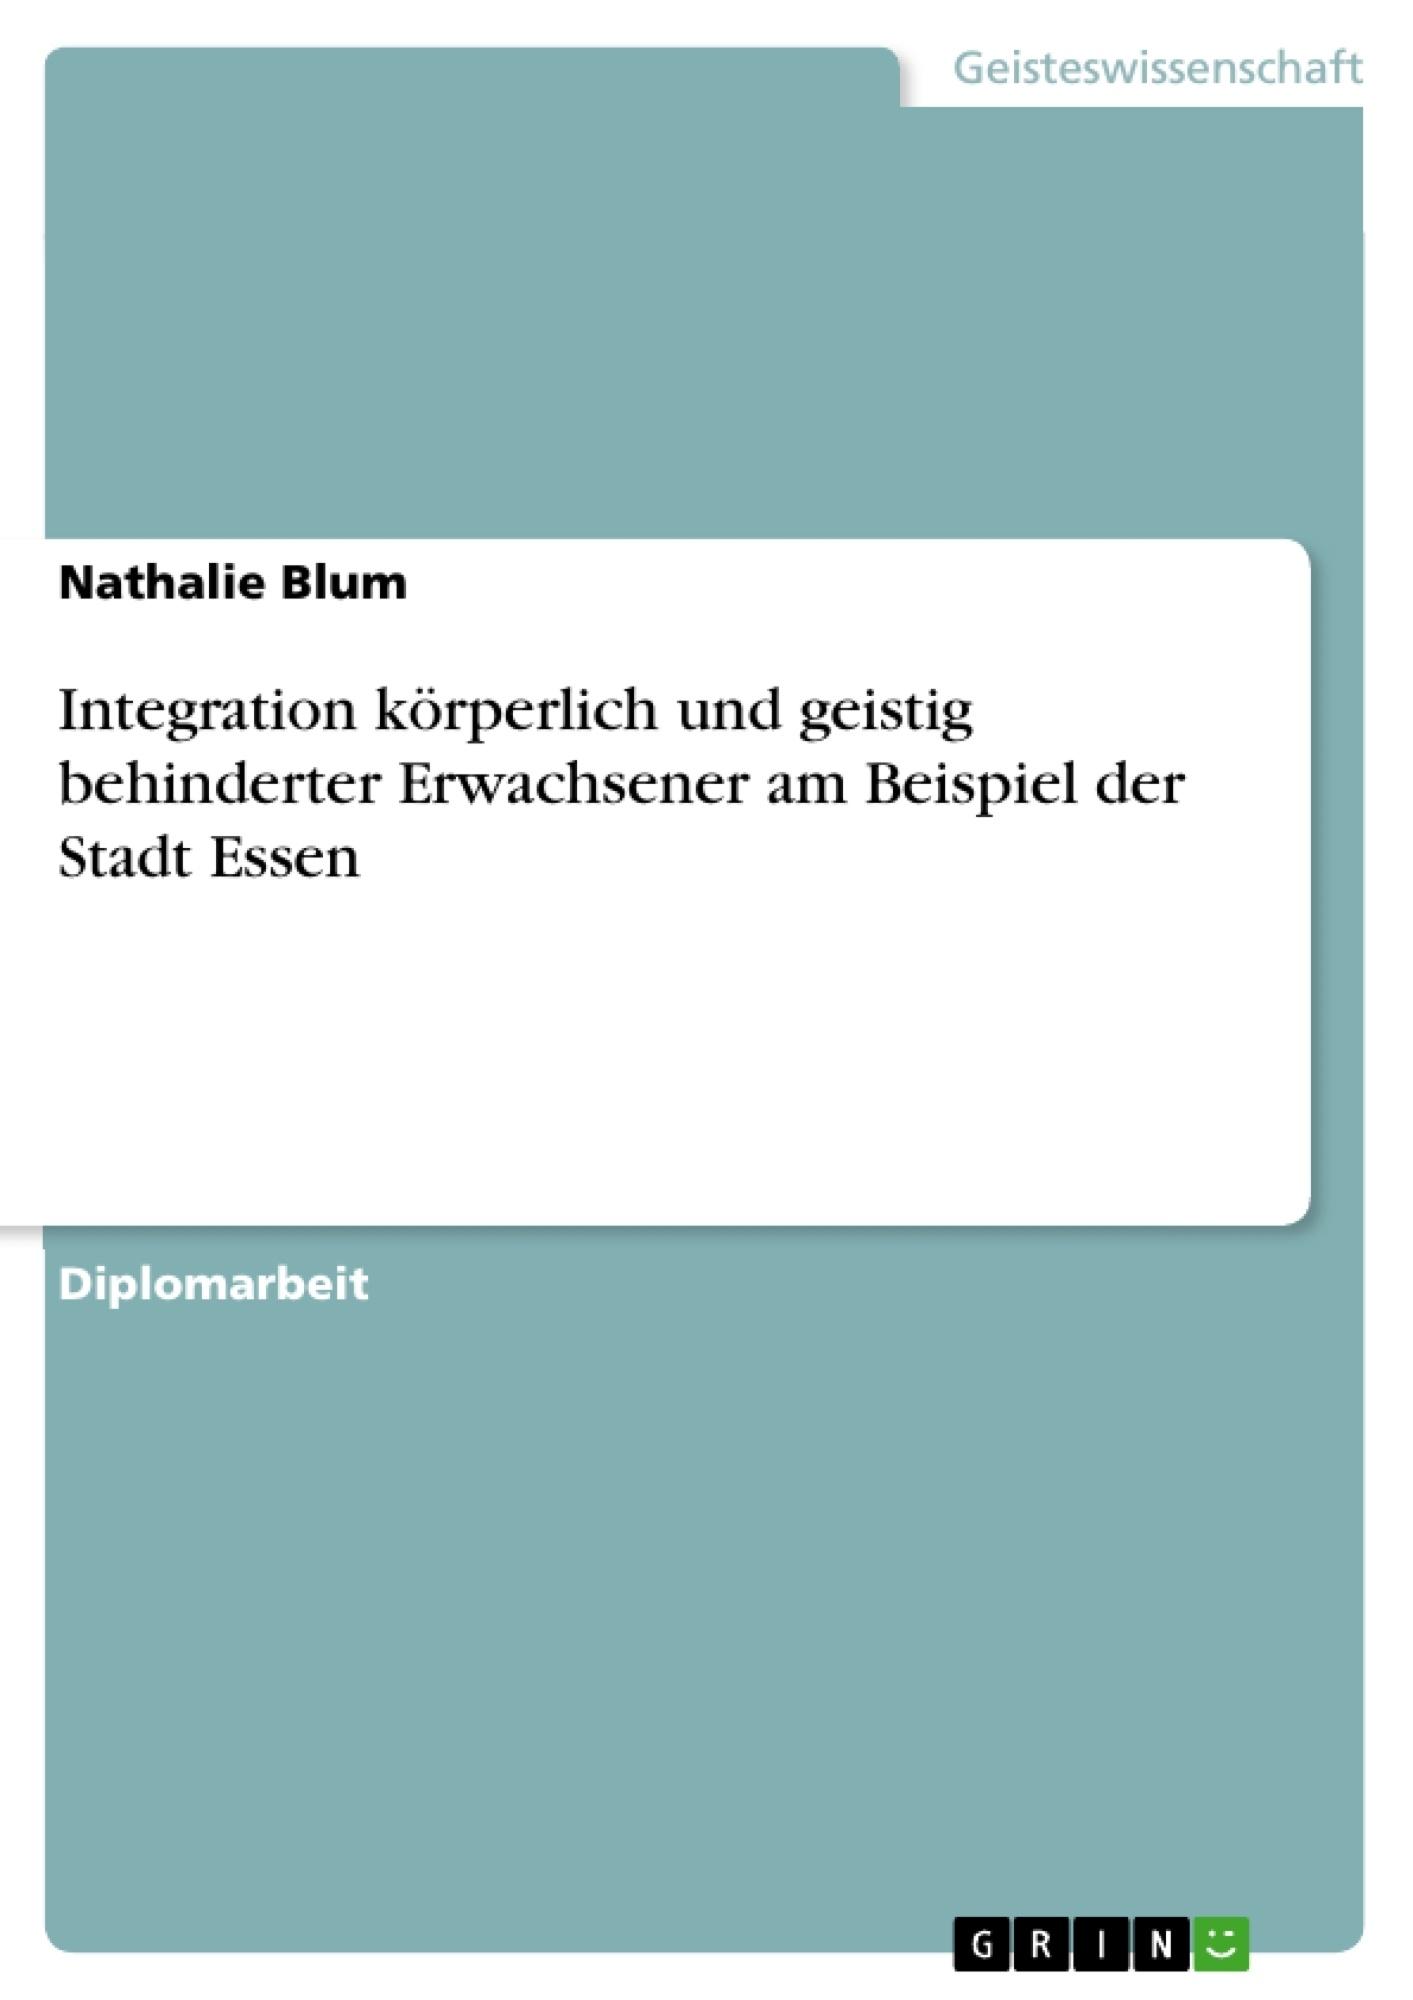 Titel: Integration körperlich und geistig behinderter Erwachsener am Beispiel der Stadt Essen